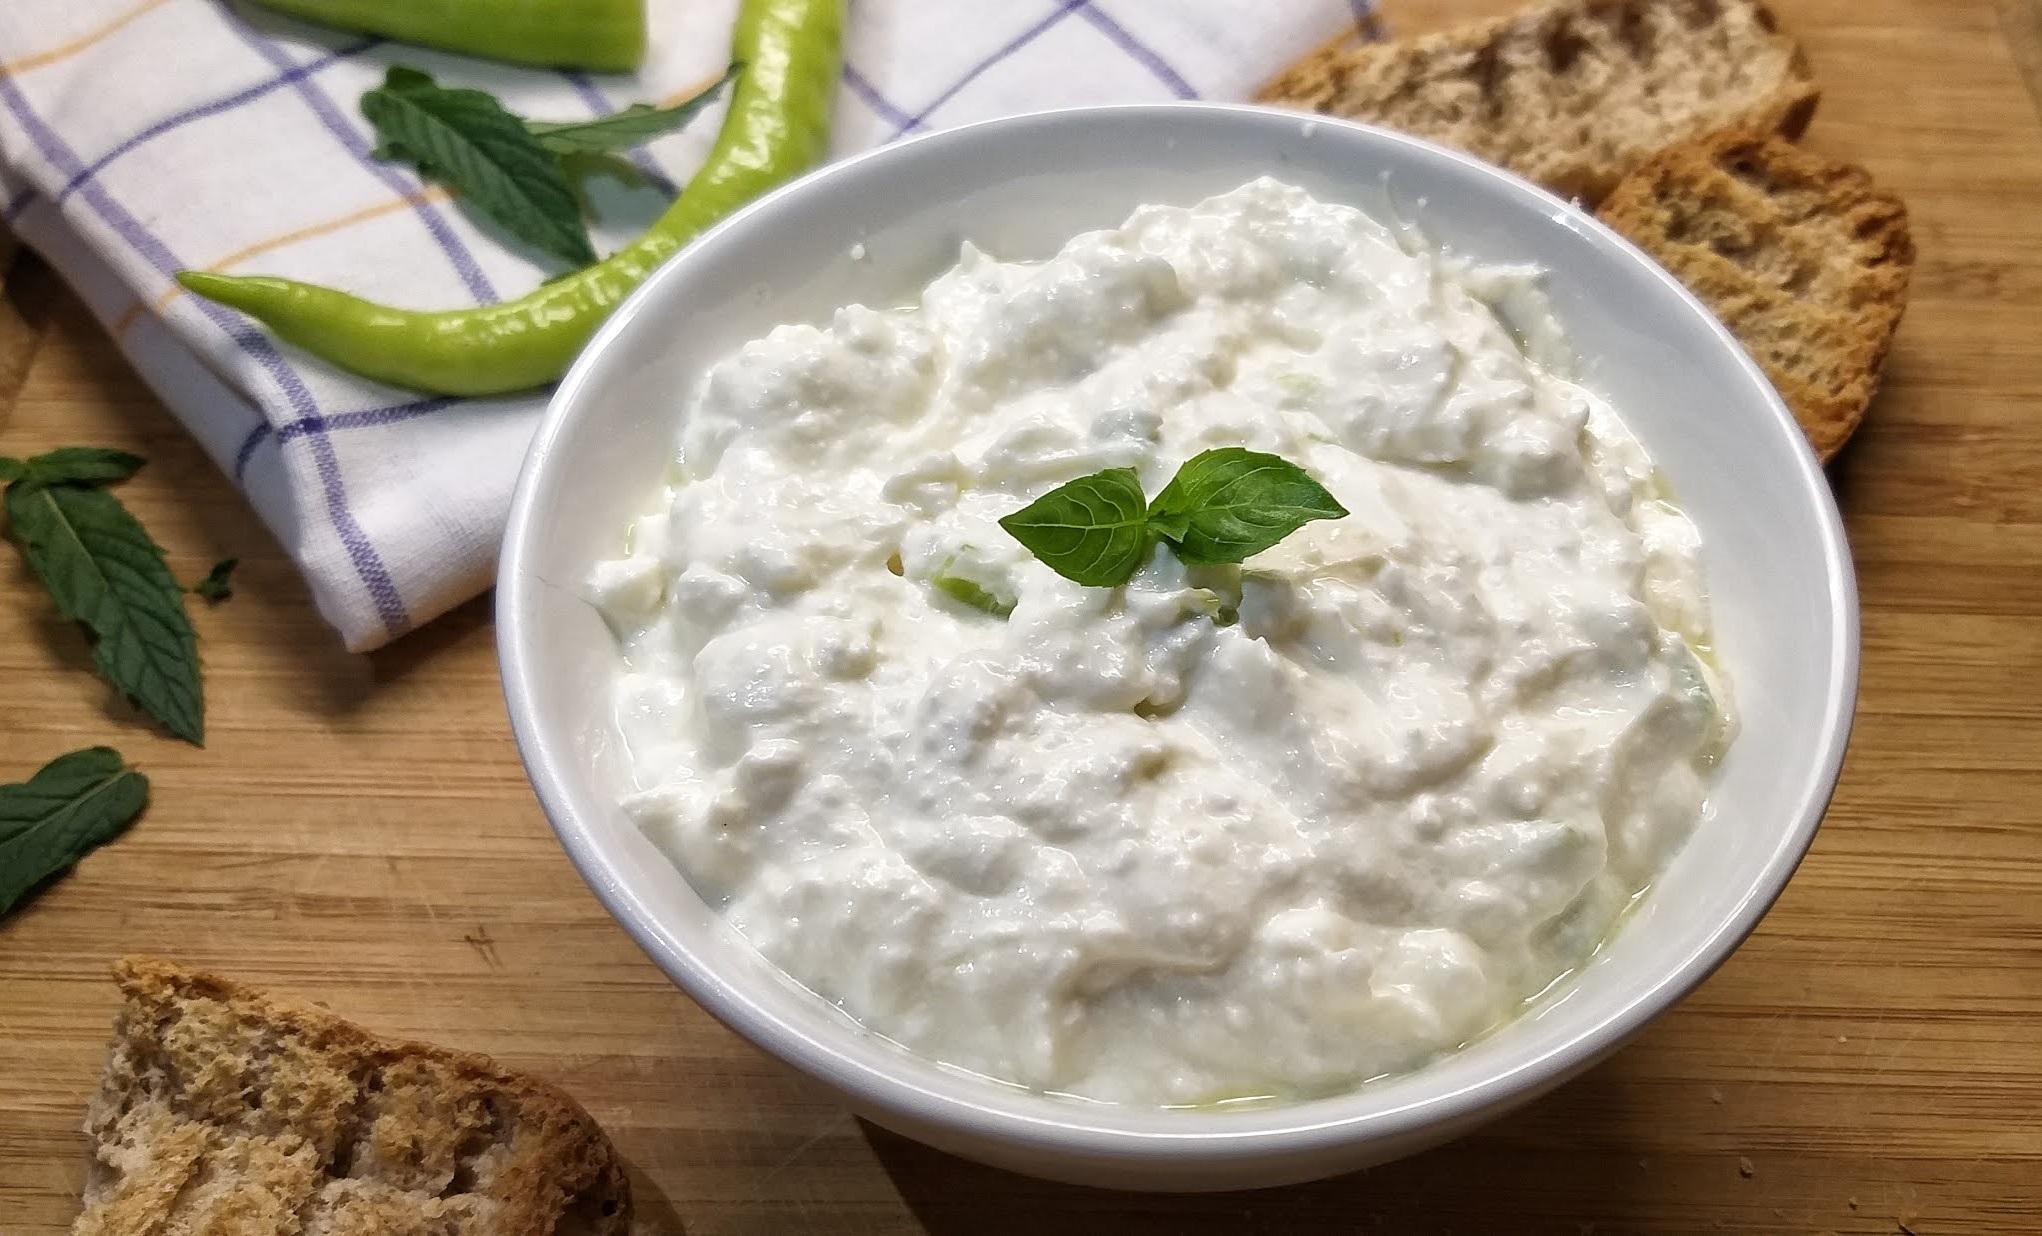 Τυροκαυτερή ή χτυπητή σαλάτα αλοιφή σε λευκό μπολ επάνω σε ξύλινο τραπέζι με φύλα δυόσμου πράσινη πιπεριά και ψωμί